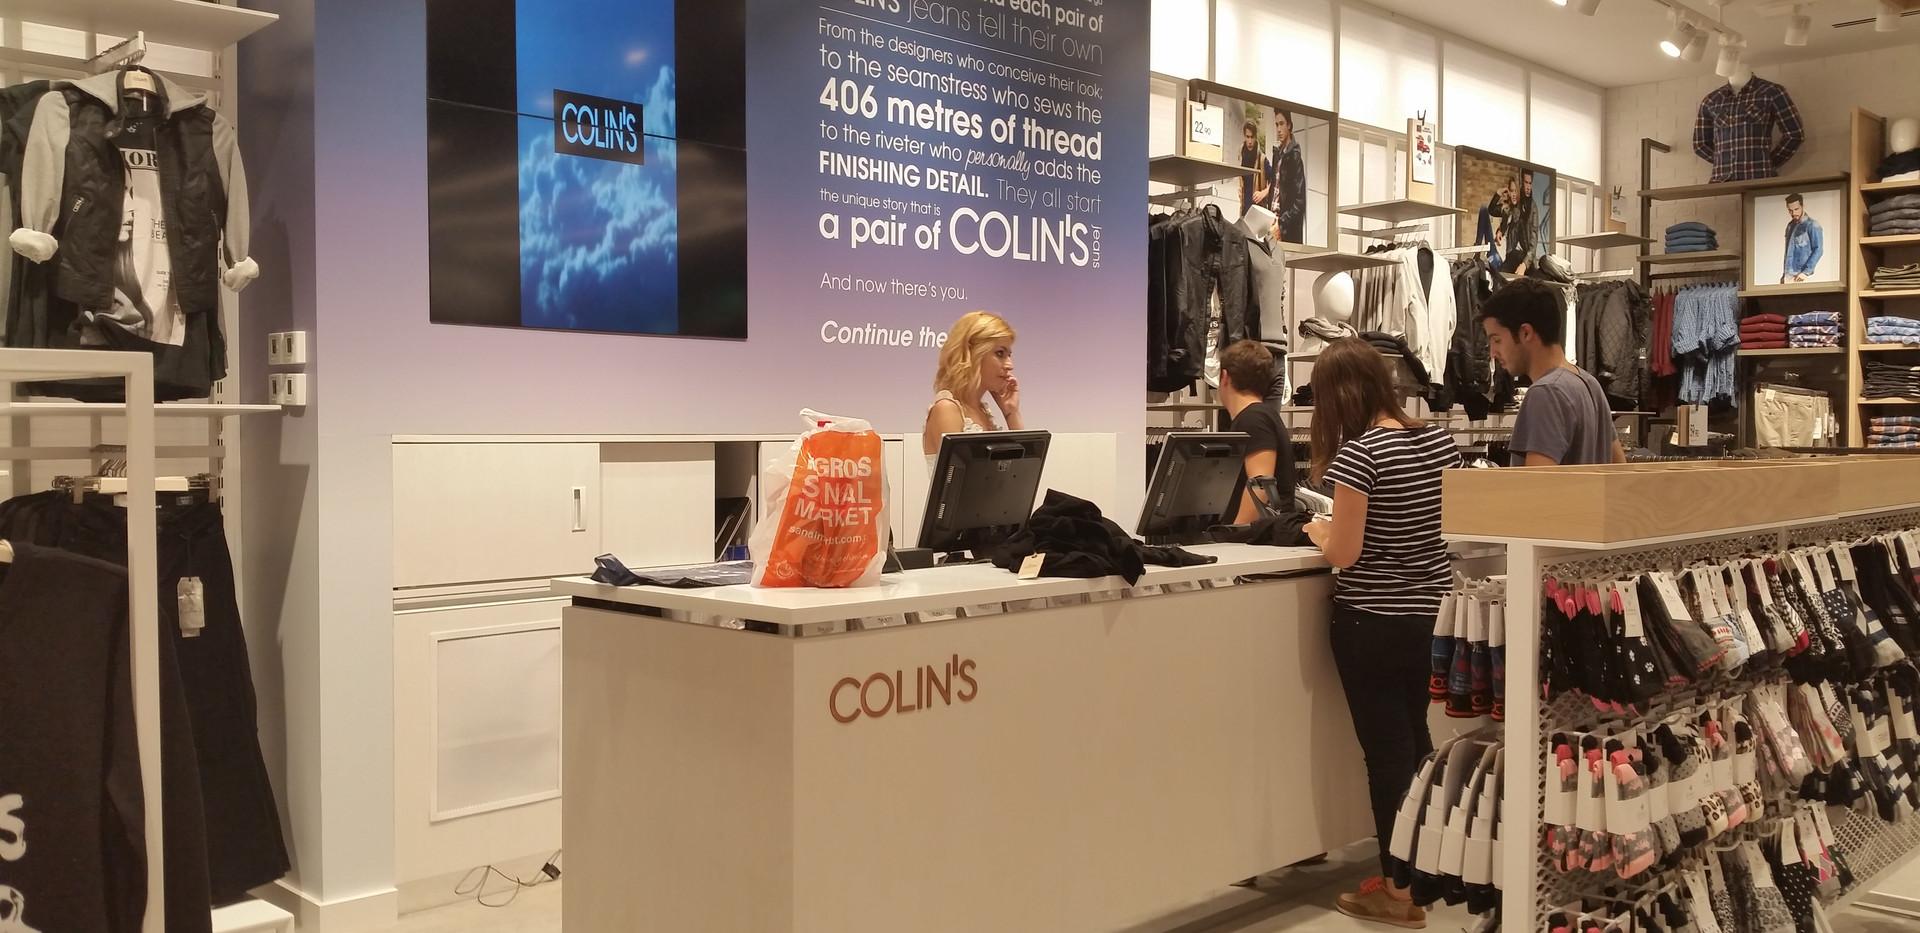 COLIN'S YENİ KONSEPT